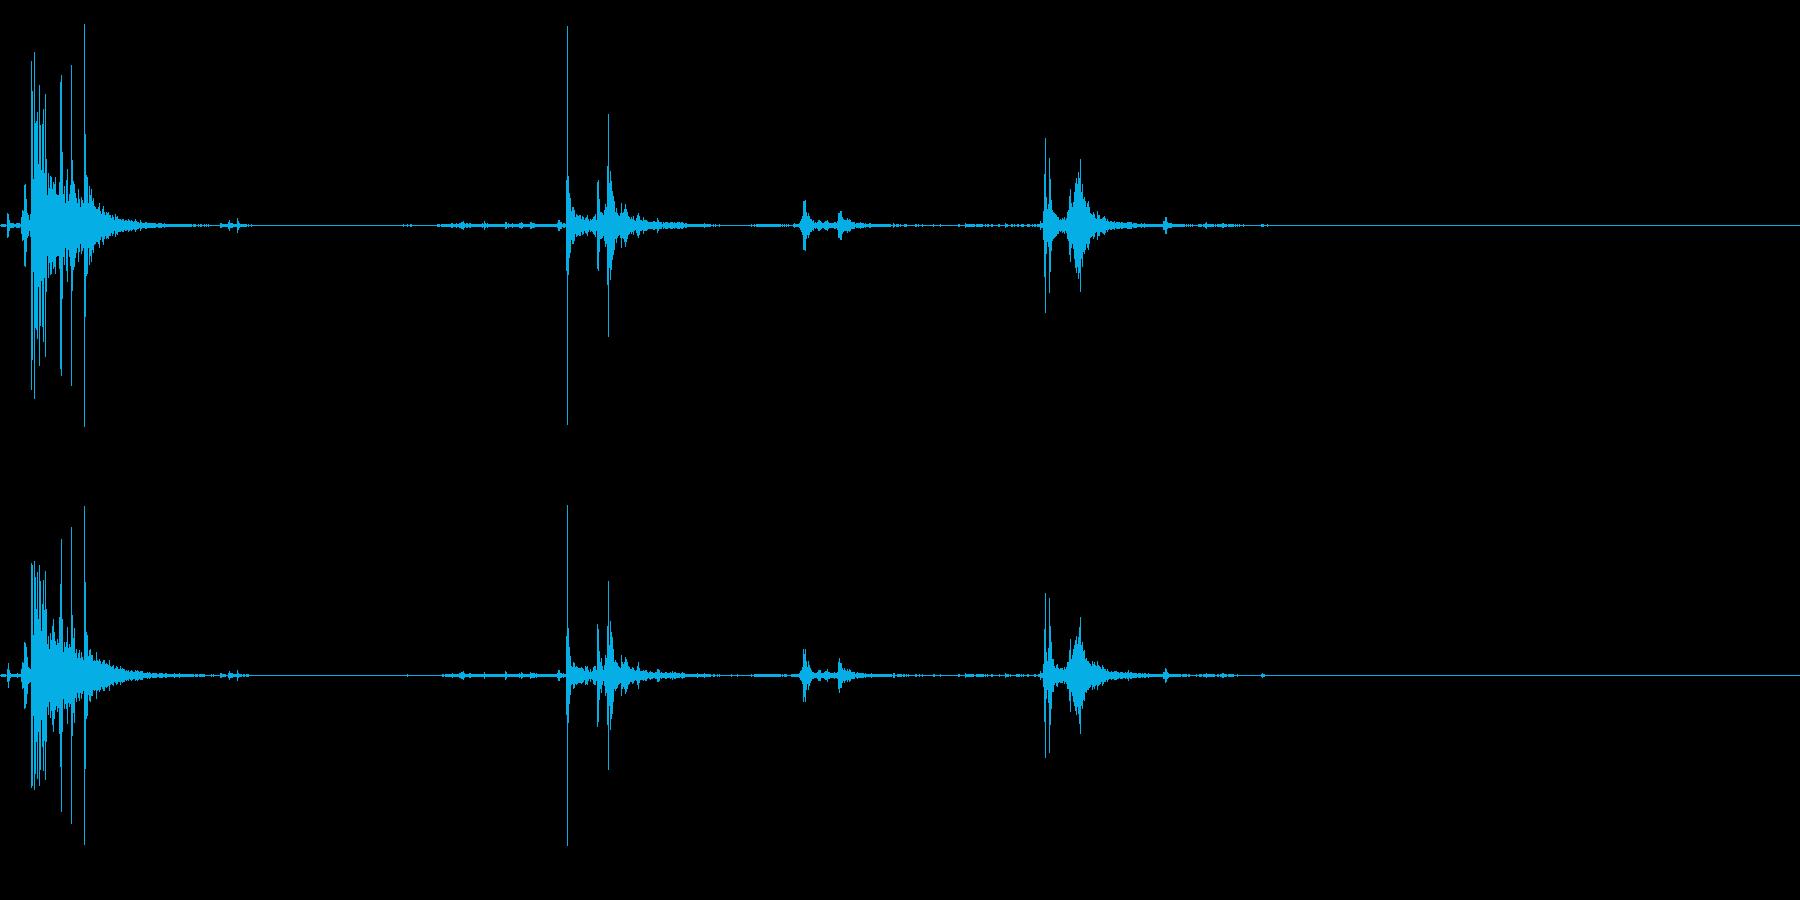 【生録音】パッケージ 開封音 10の再生済みの波形